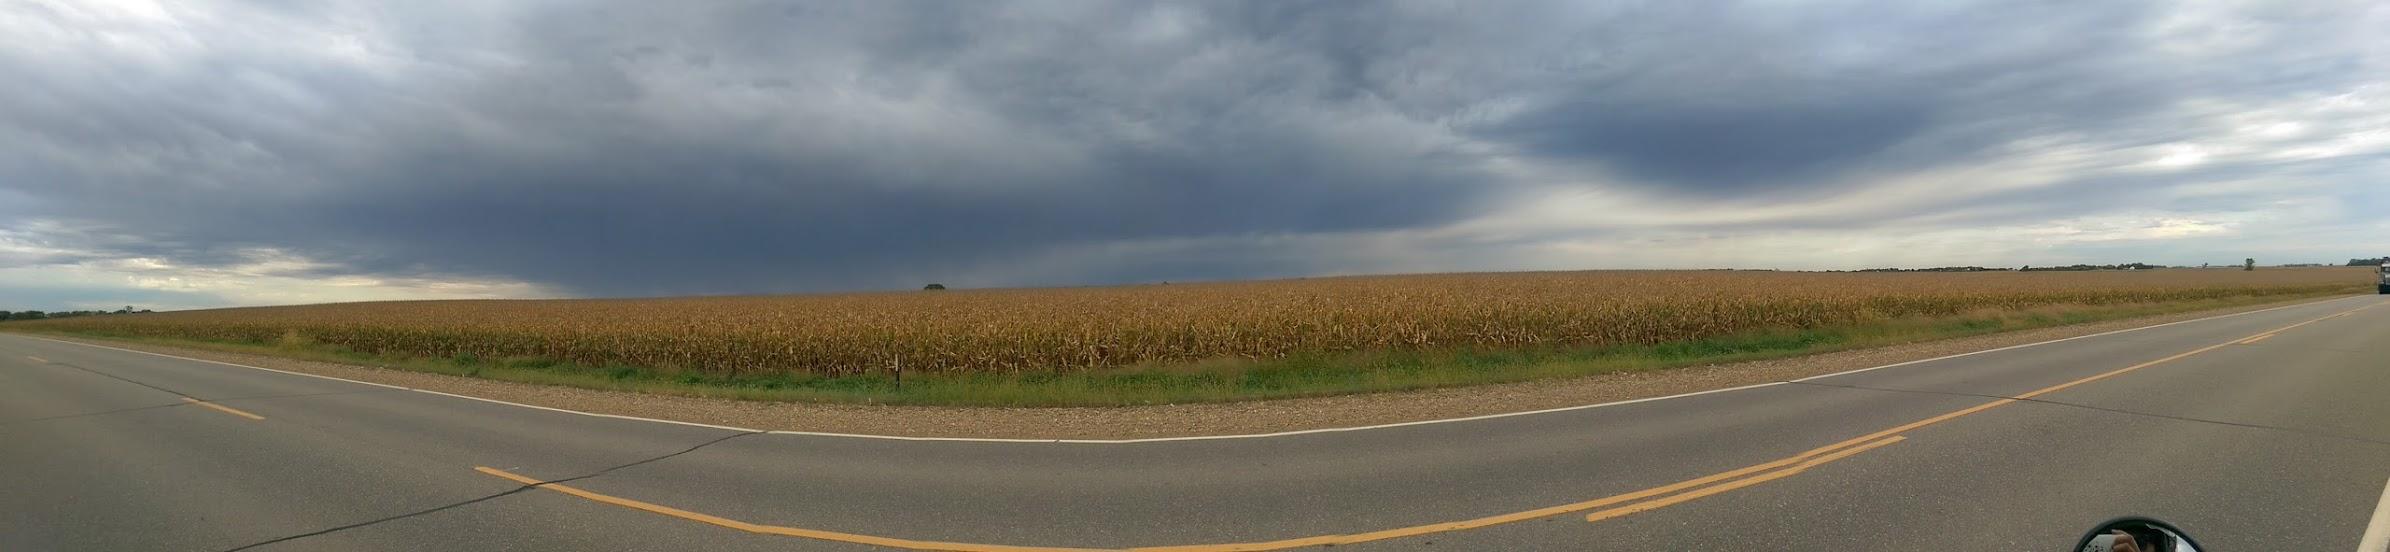 Storm's a'comin